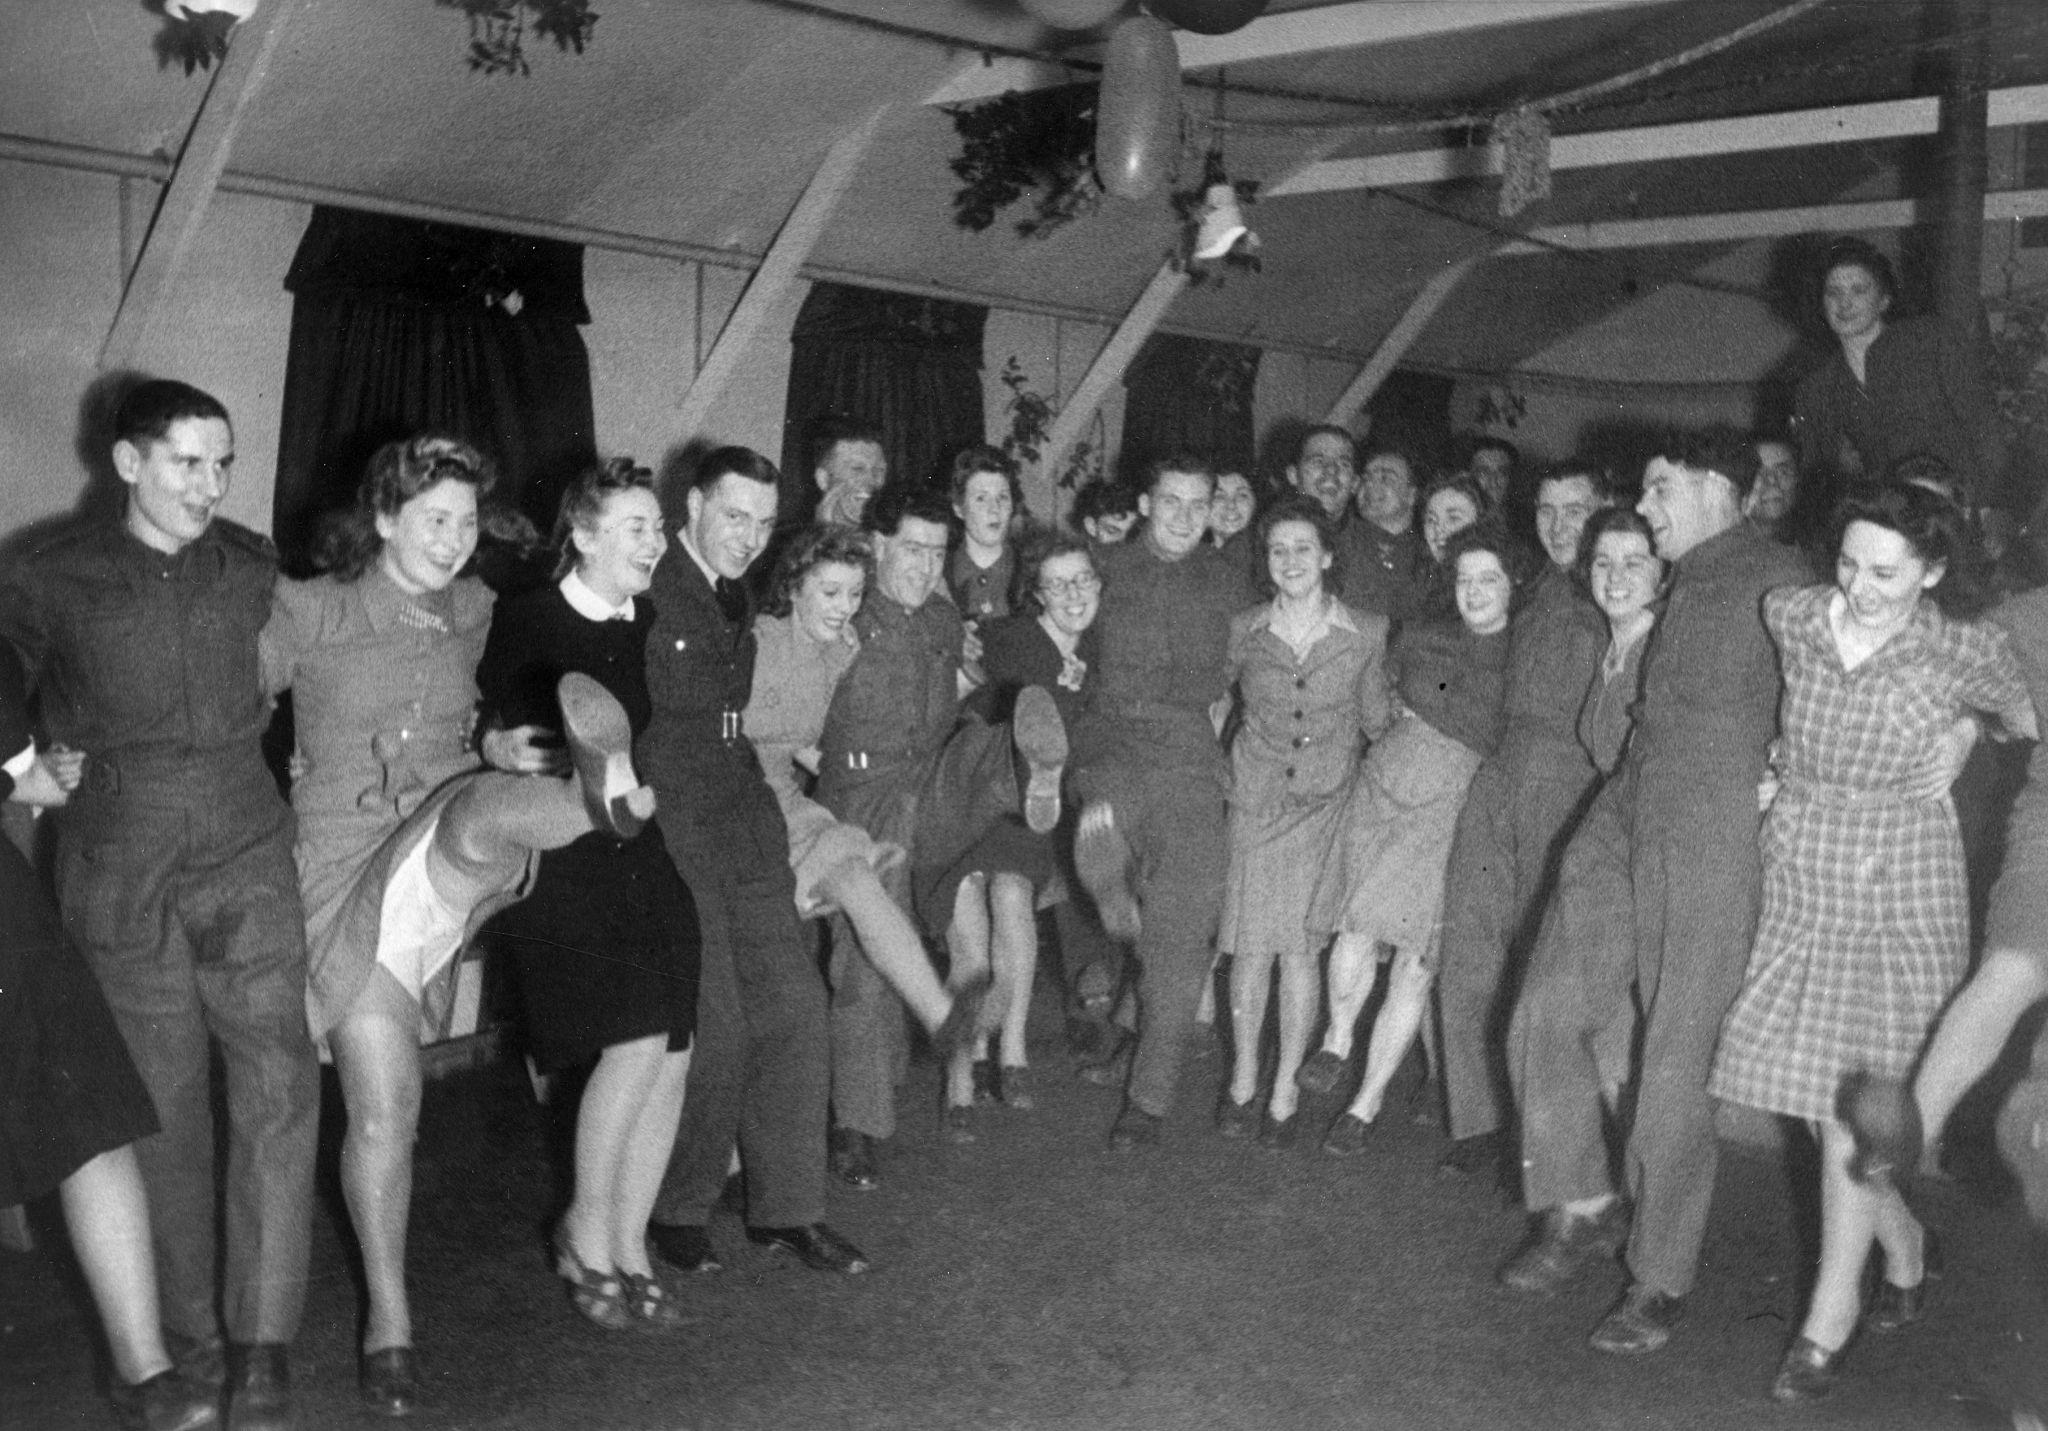 1943. Womens Lands Army Girls в Лимингтон-Спа, отмечающие Новый год в их общежитии во время Второй мировой войны. 1 января.jpg